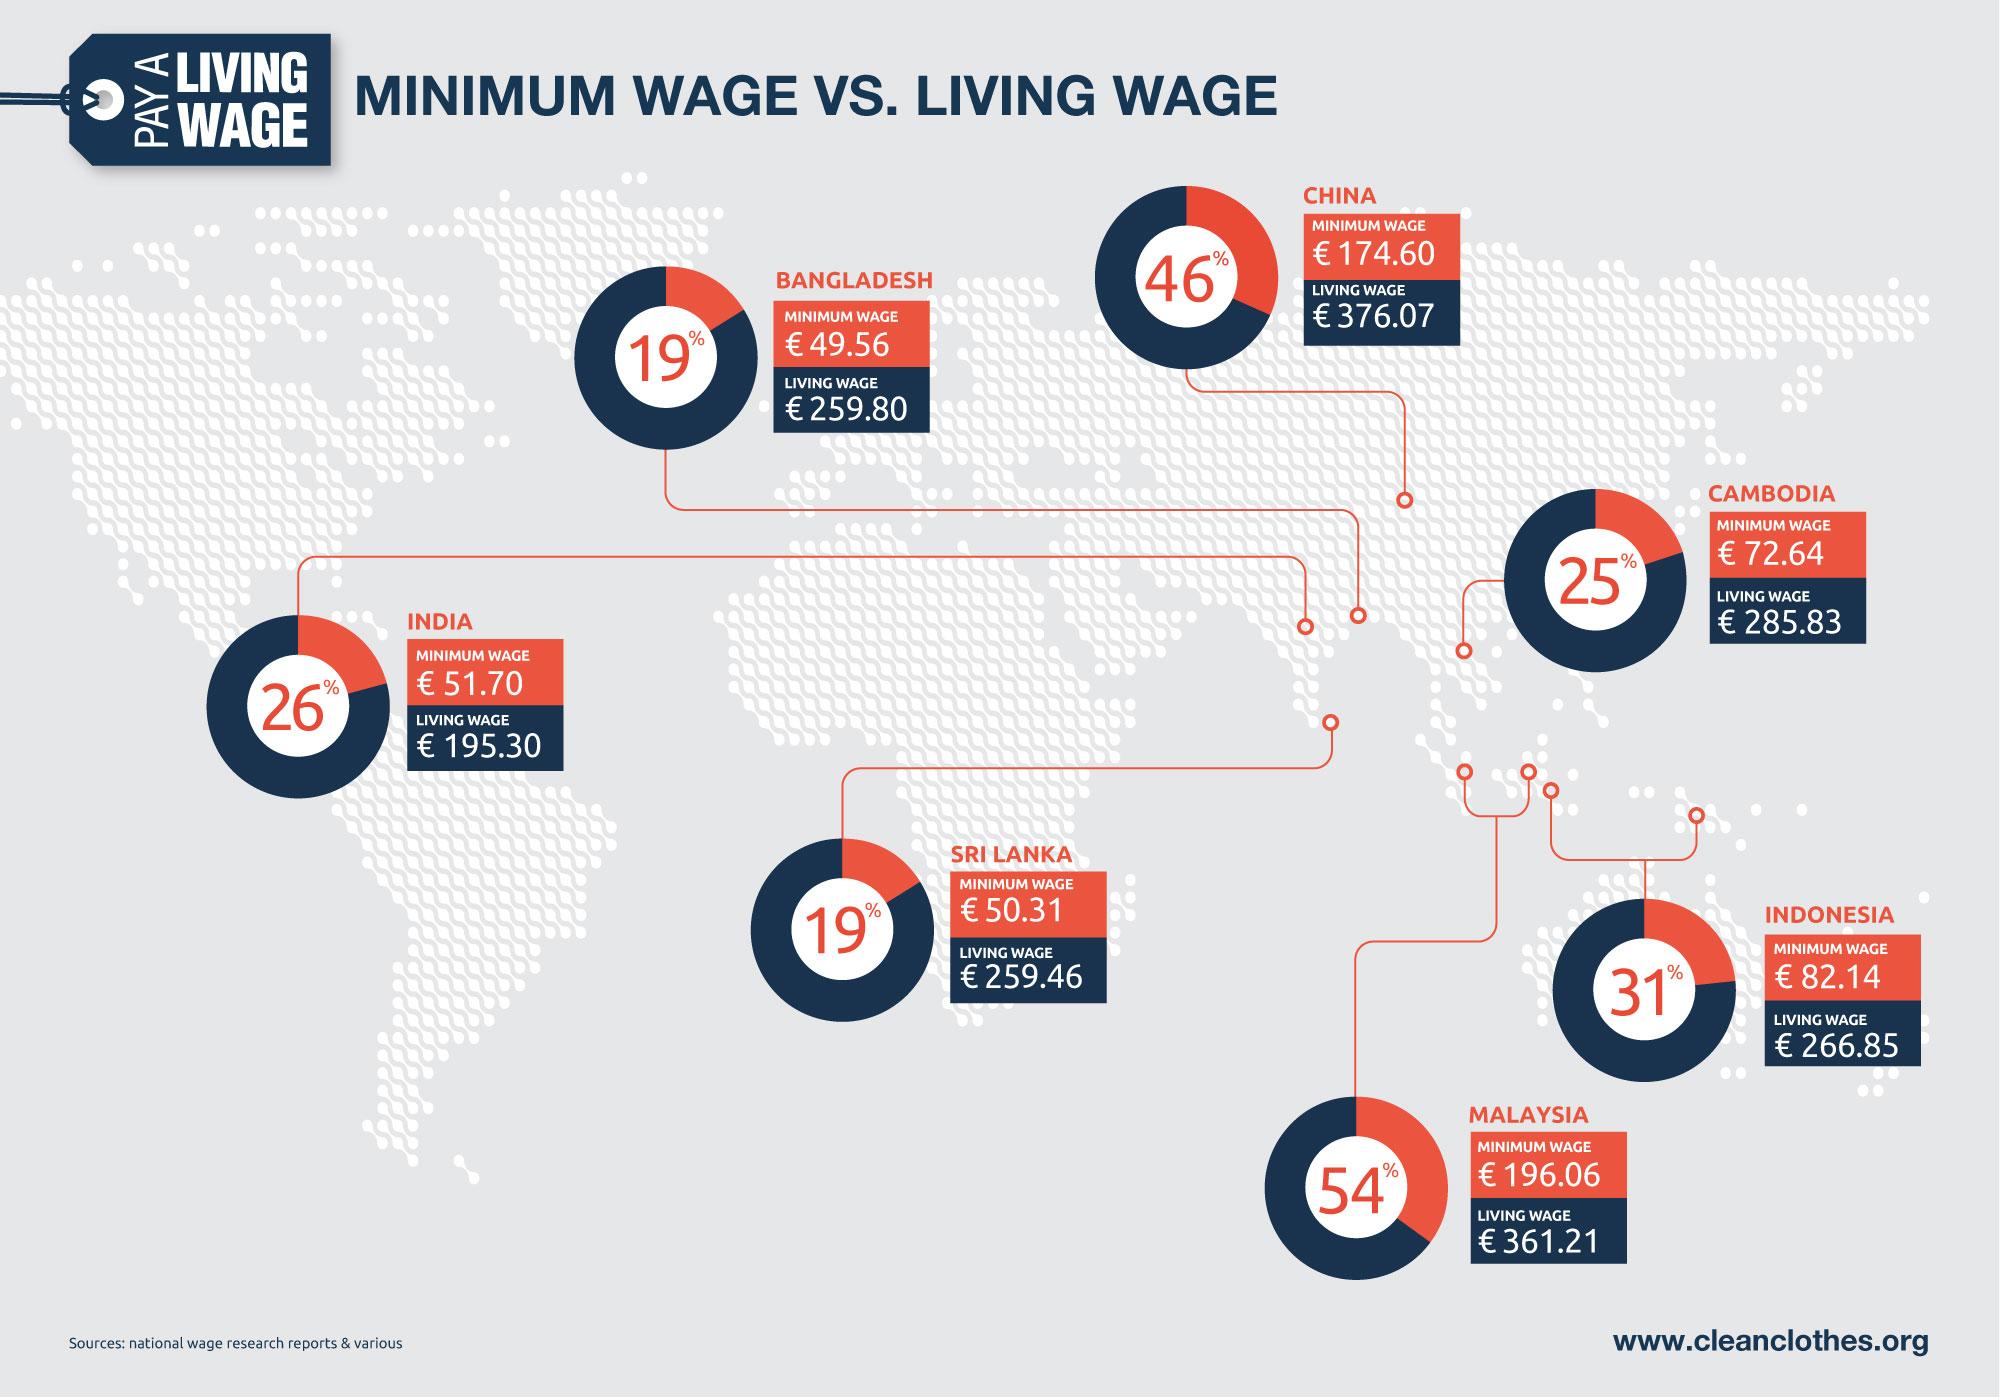 Minimum Wage vs. Living Wage